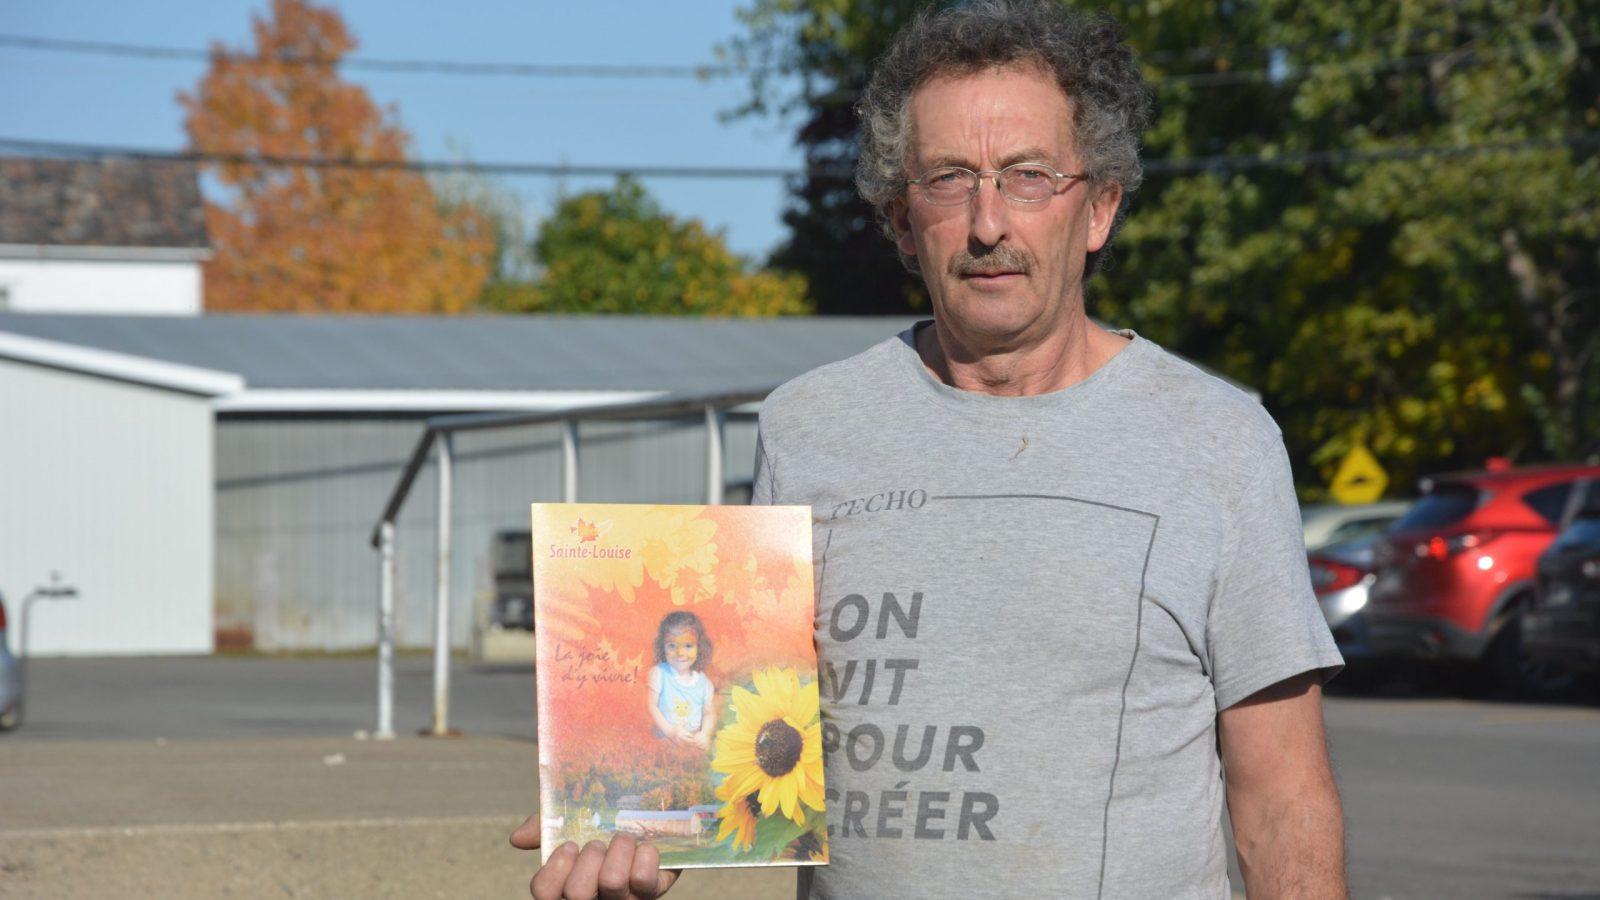 Clément Leclerc veut apporter du changement à Sainte-Louise